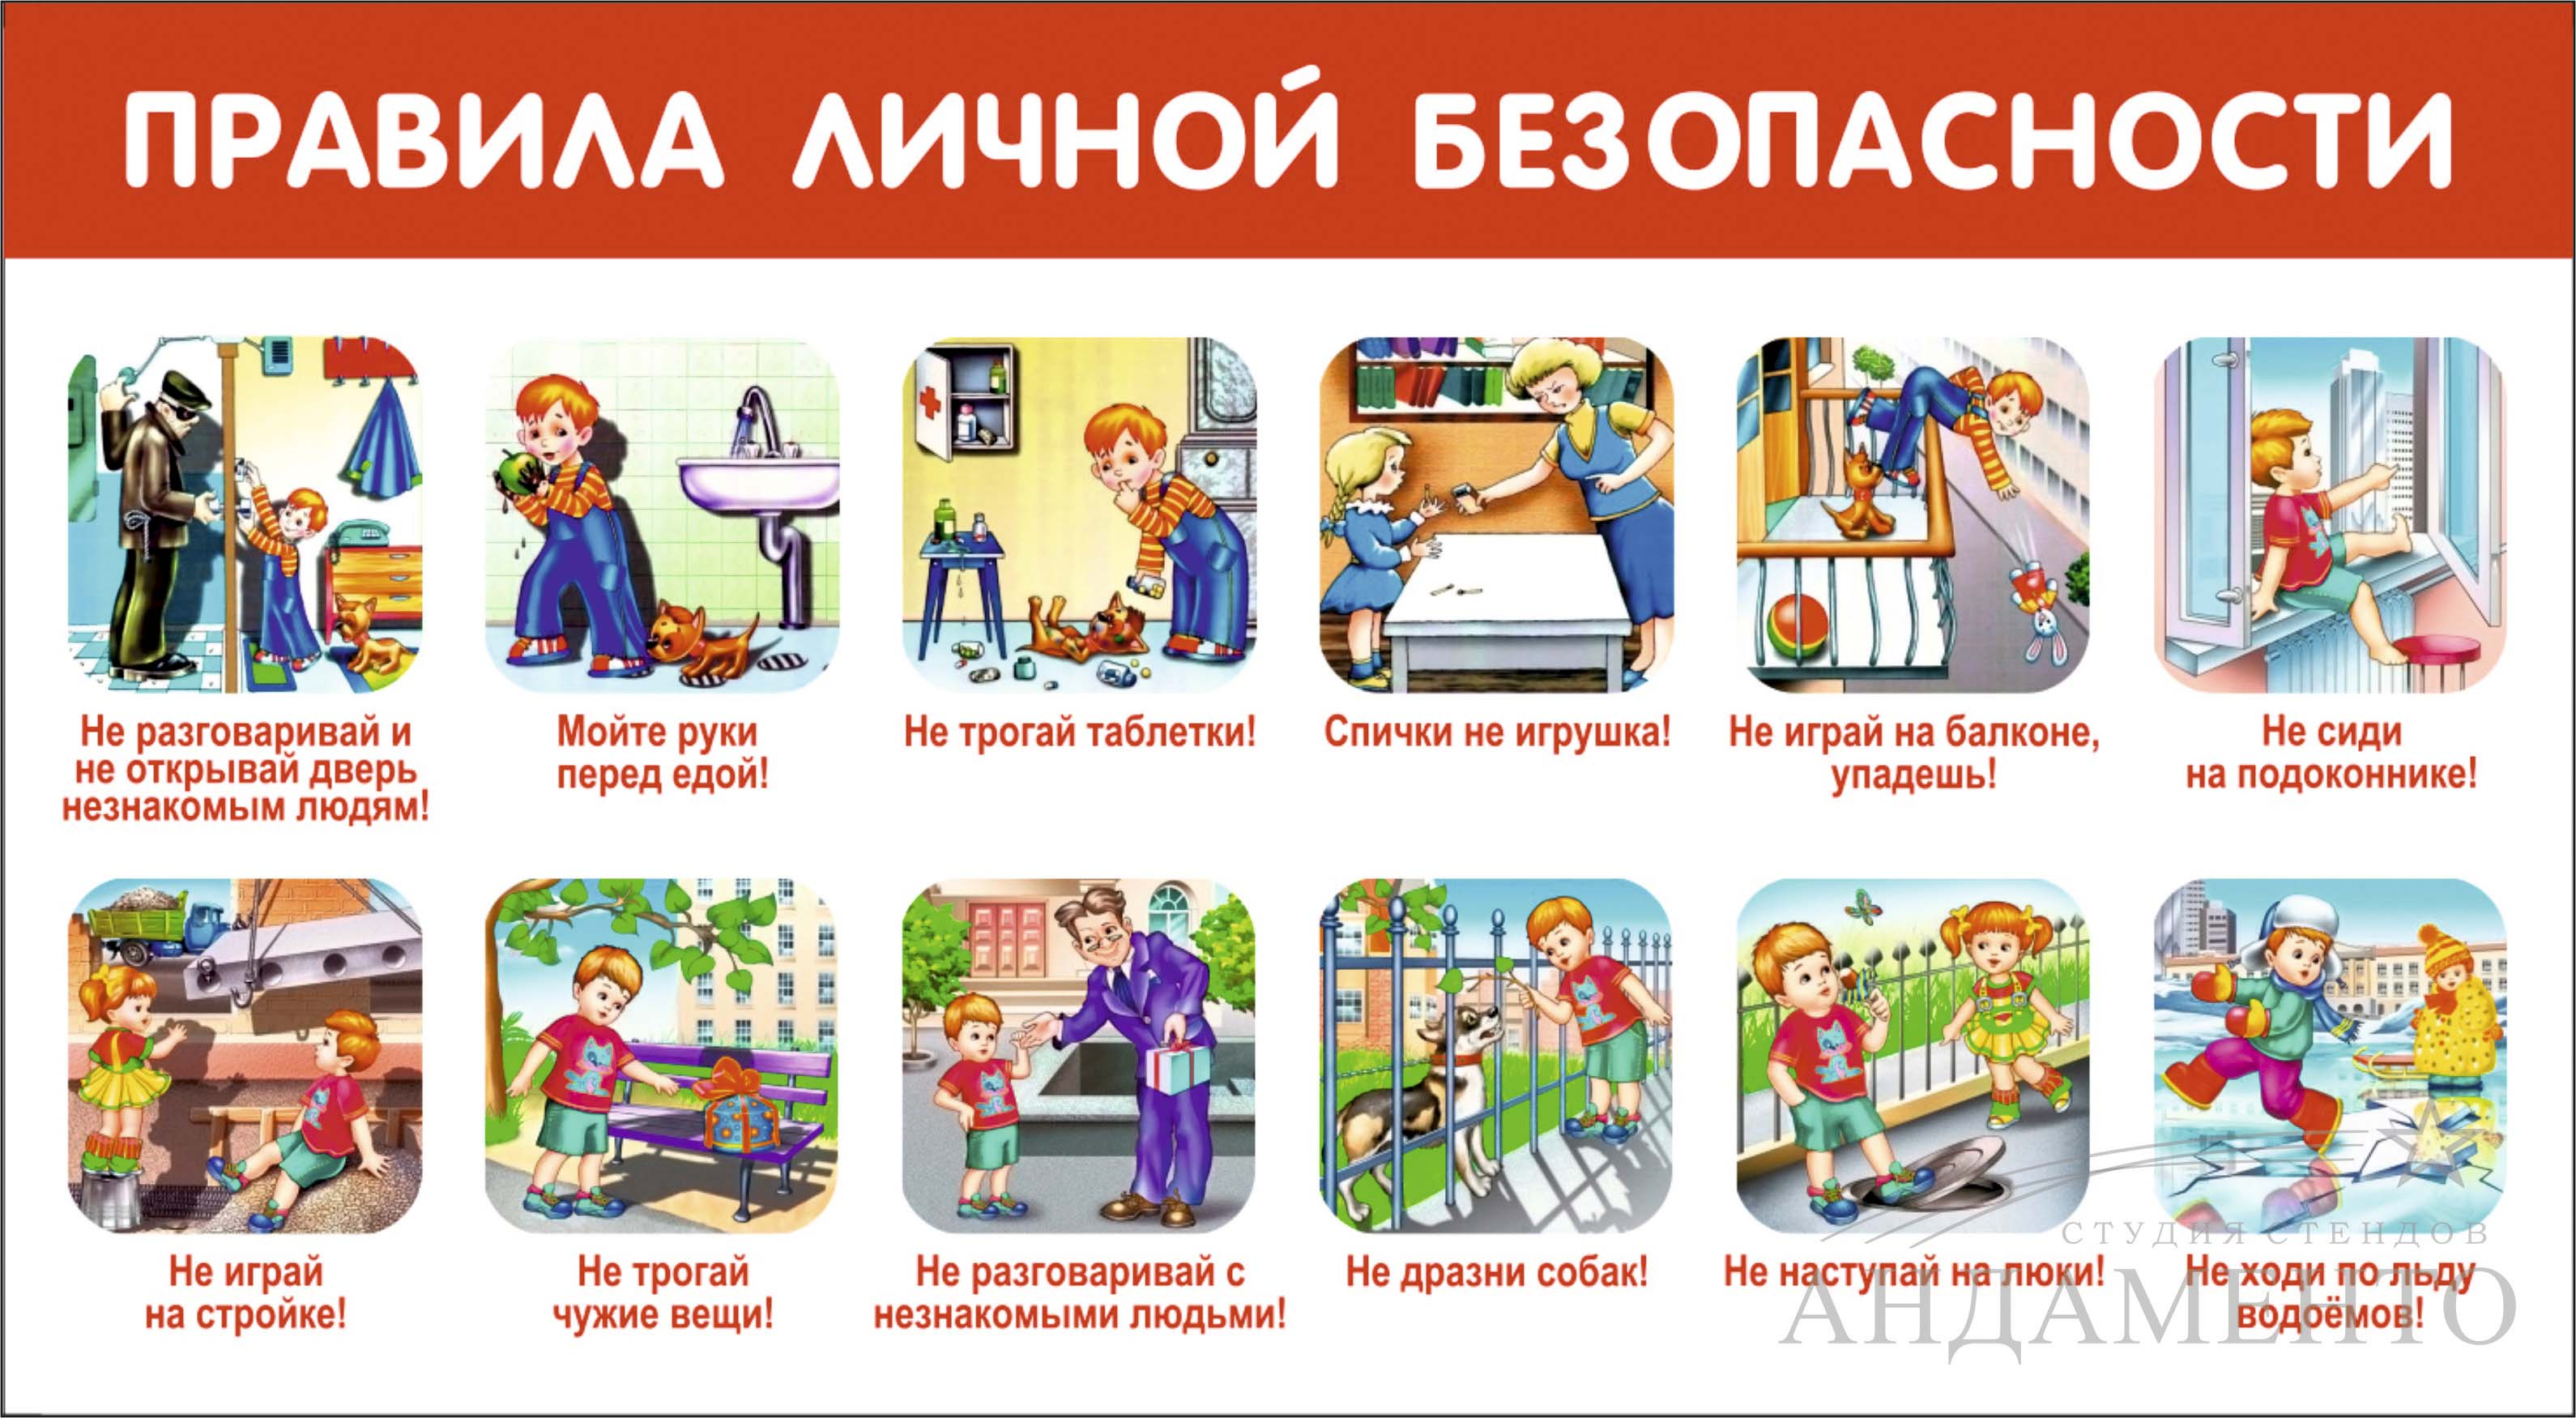 Картинки по запросу безопасность картинки для детей